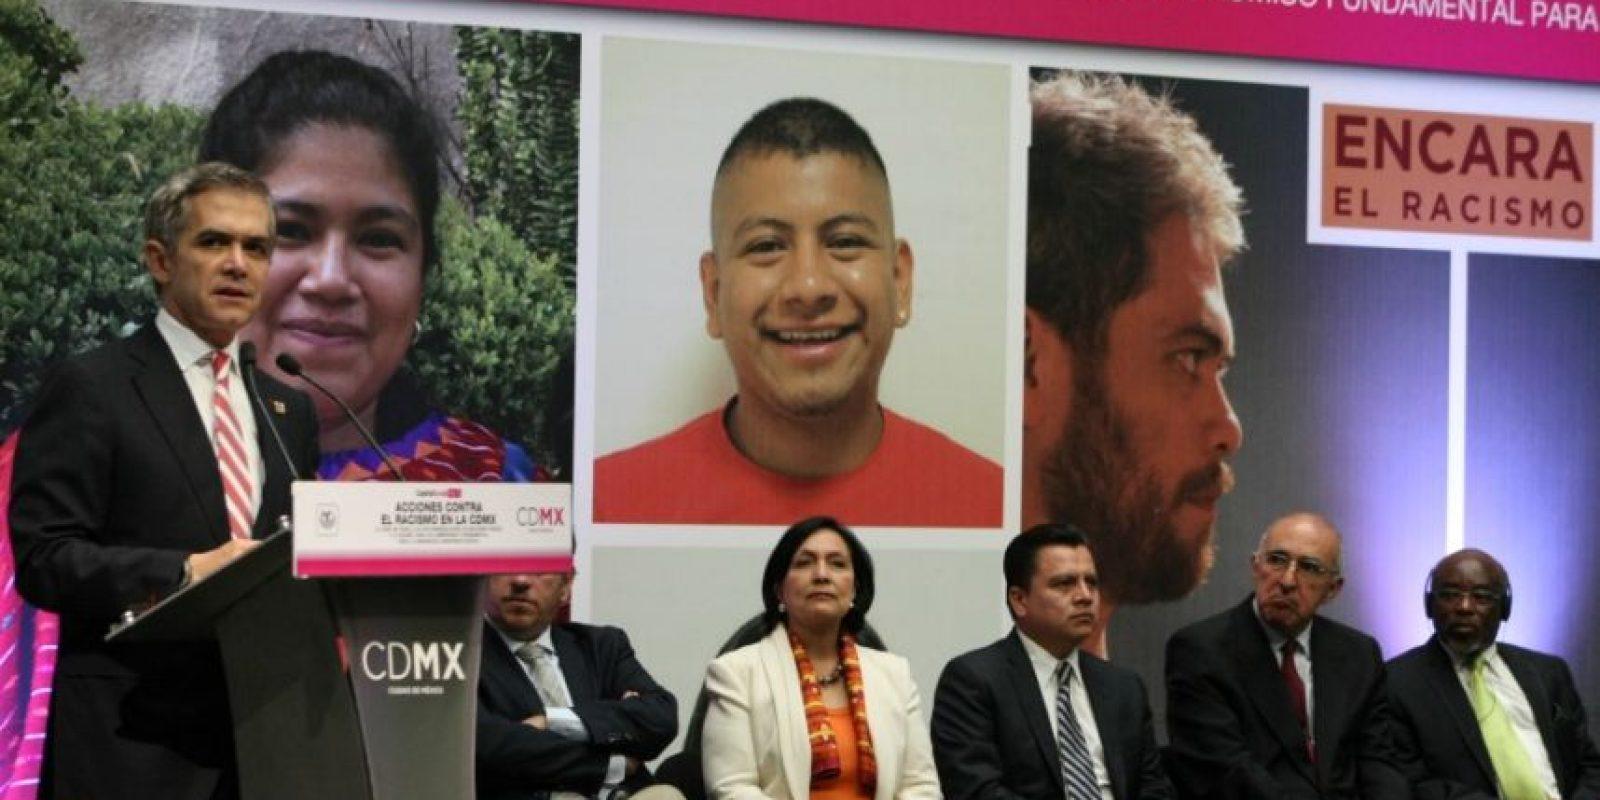 El decálogo presentado establece los lineamientos par la lucha contra la discriminación Foto:Especial